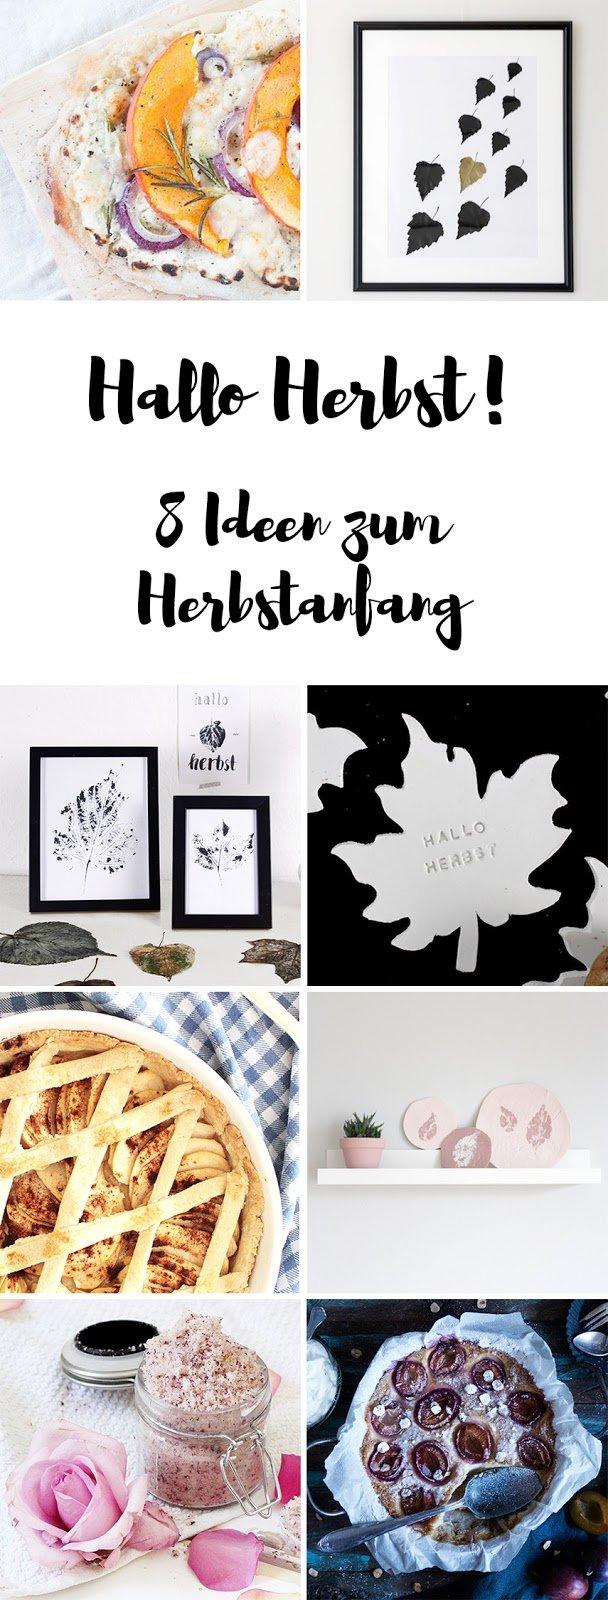 Acht wunderbare Ideen zum Herbstanfang